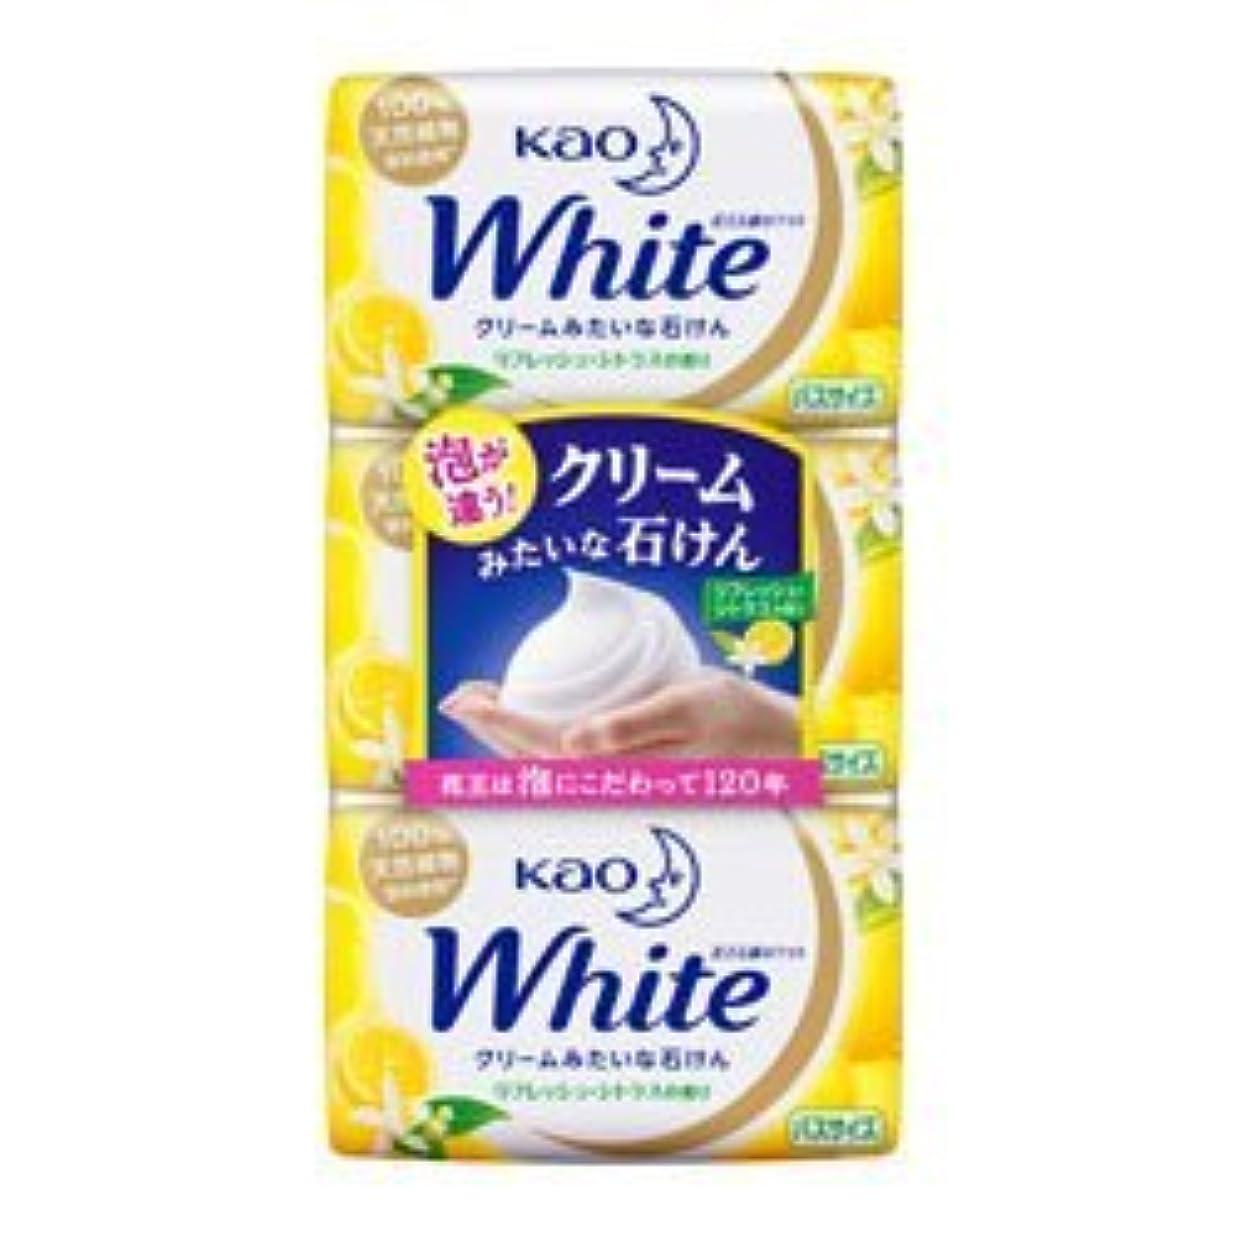 フルーティーメンテナンス彼ら【花王】ホワイト リフレッシュ?シトラスの香り バスサイズ 130g×3個入 ×3個セット